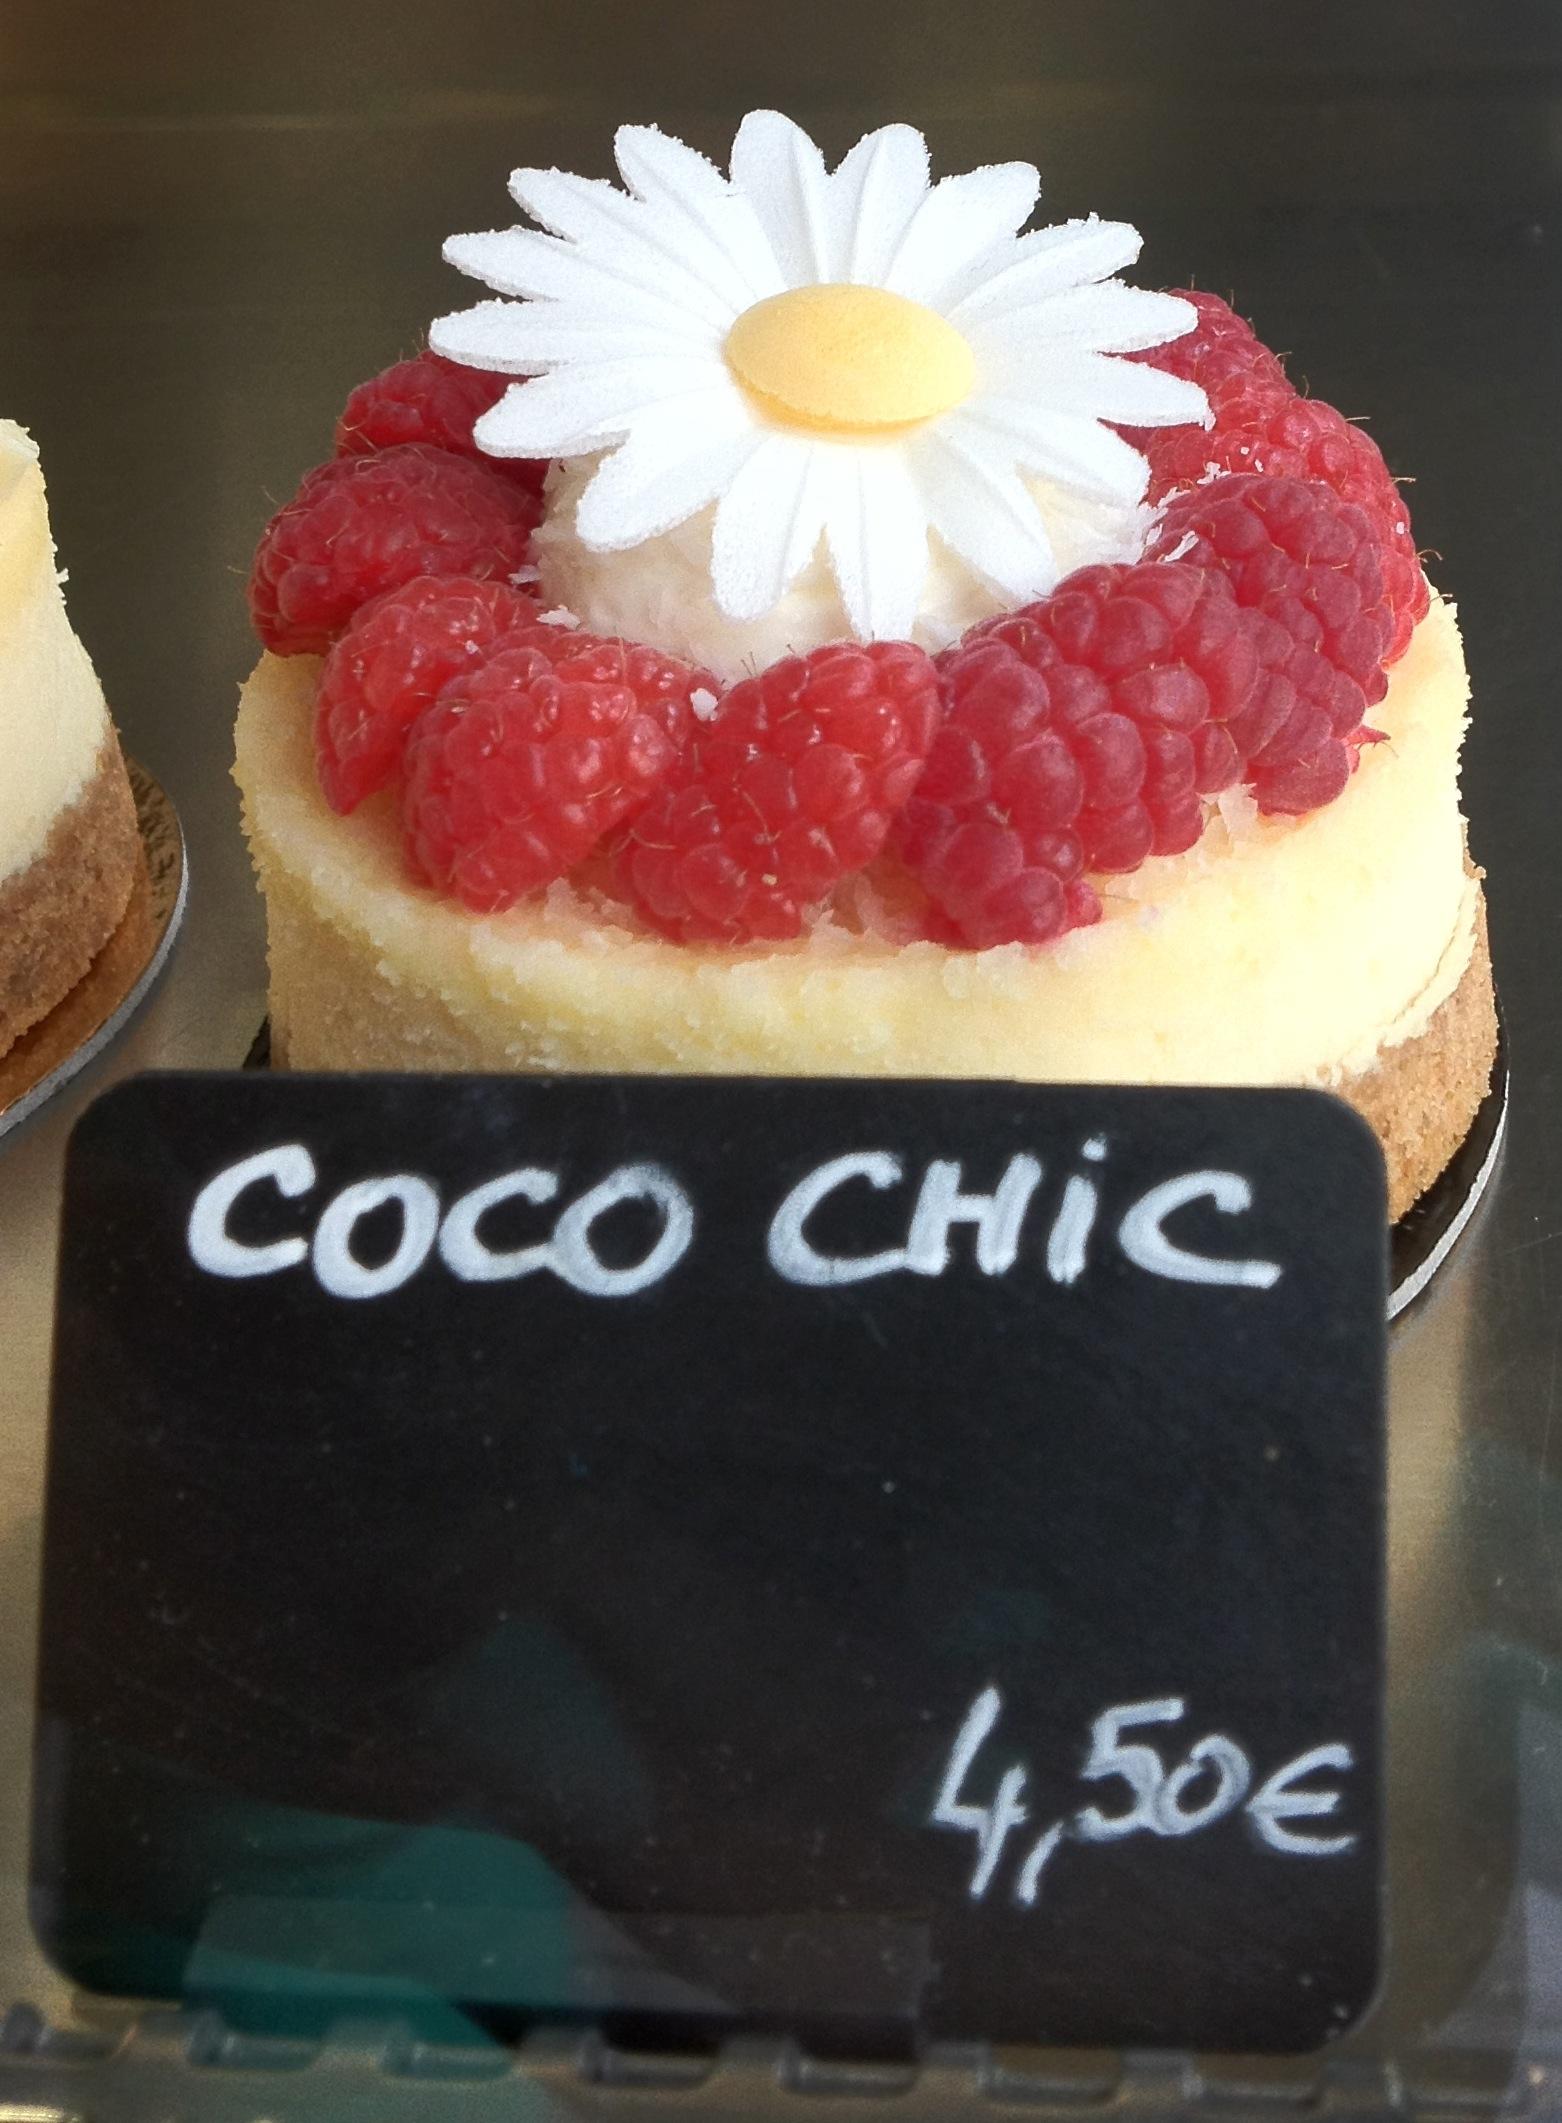 Les meilleurs Cheesecake de Paris : She's cake by Sephora